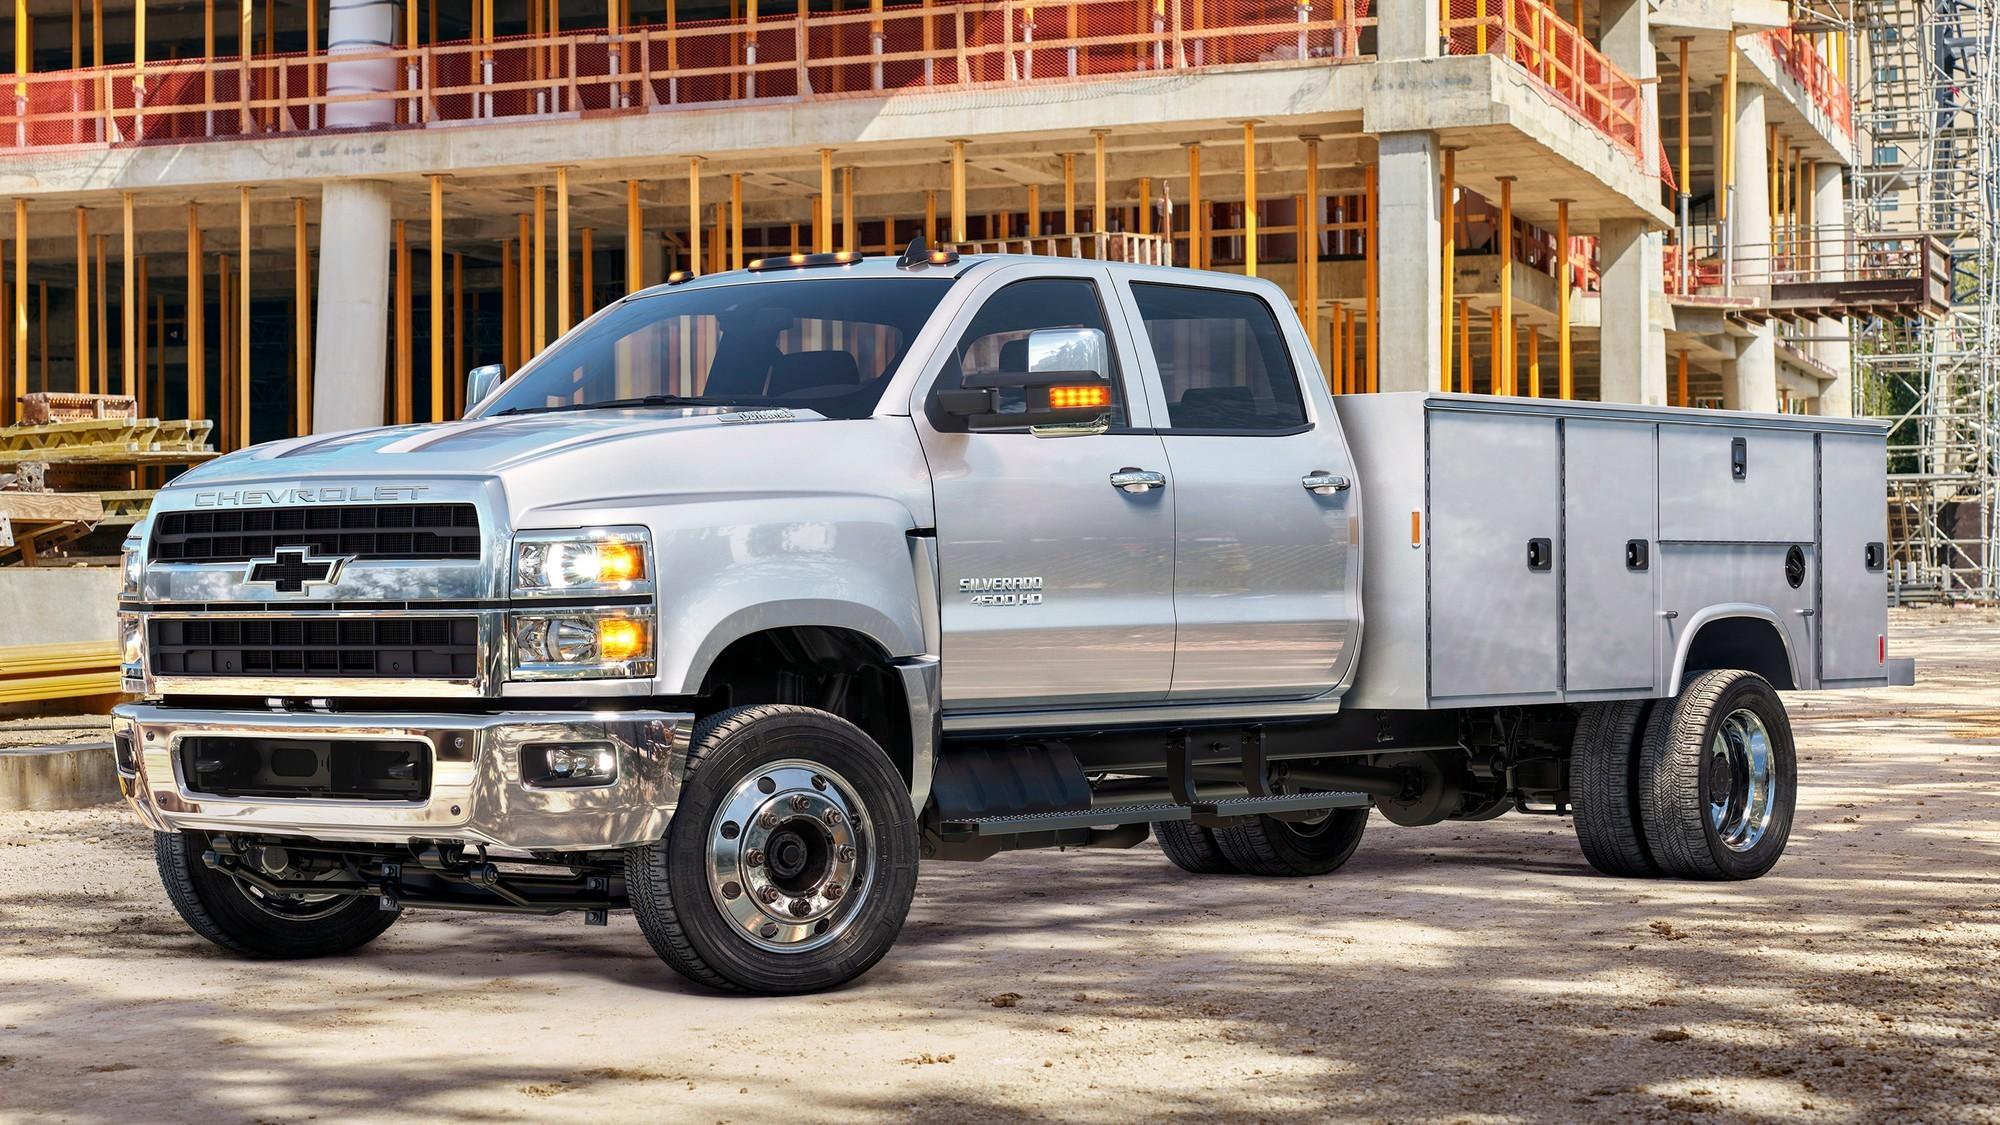 GM анонсировала два коммерческих электромобиля: батарейный фургон и водородный грузовик